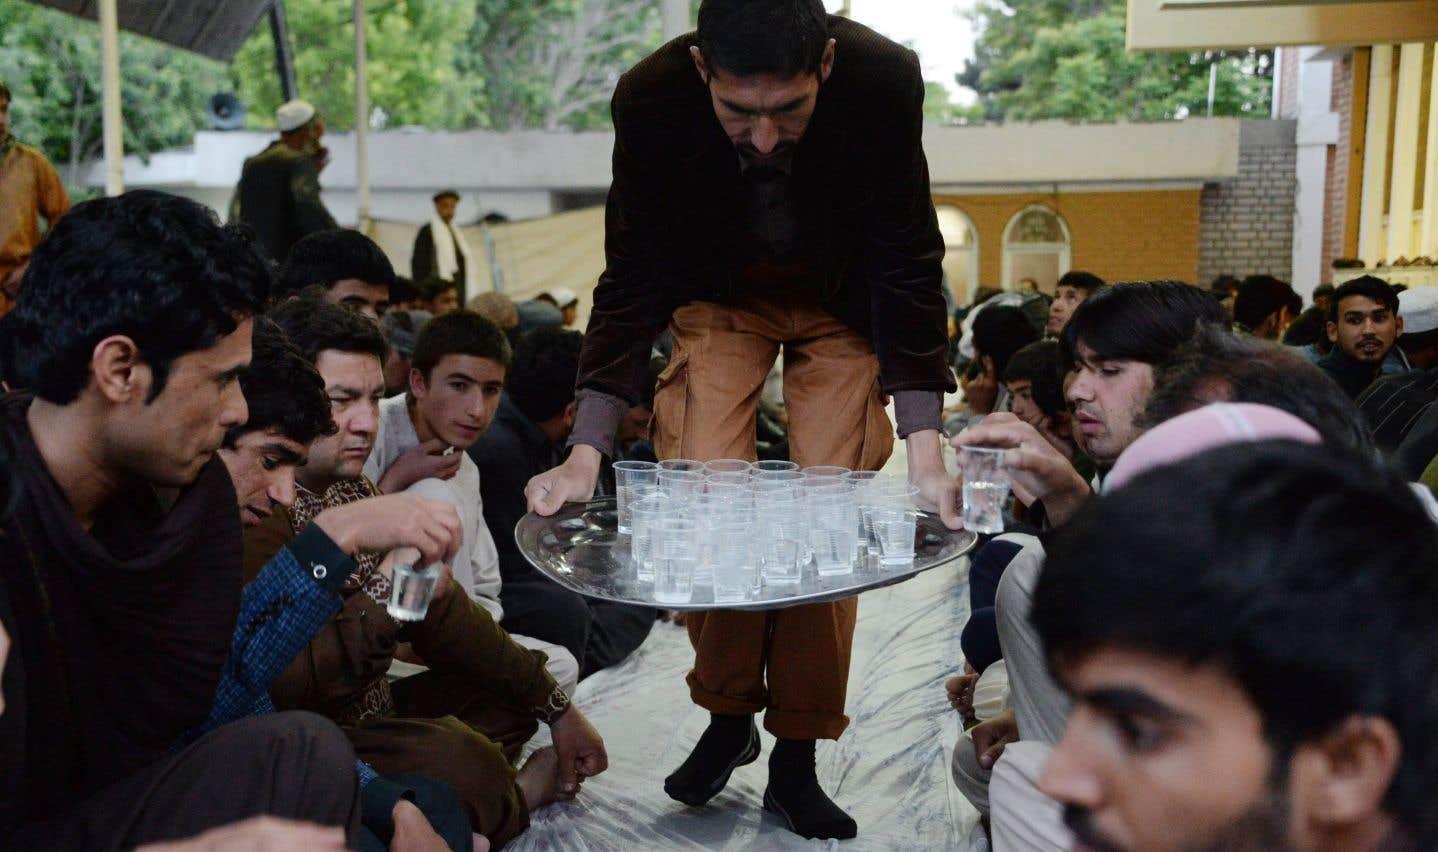 En Afghanistan, de l'eau est distribuée aux musulmans avant le bris du jeûne, en cette première journée du ramadan.